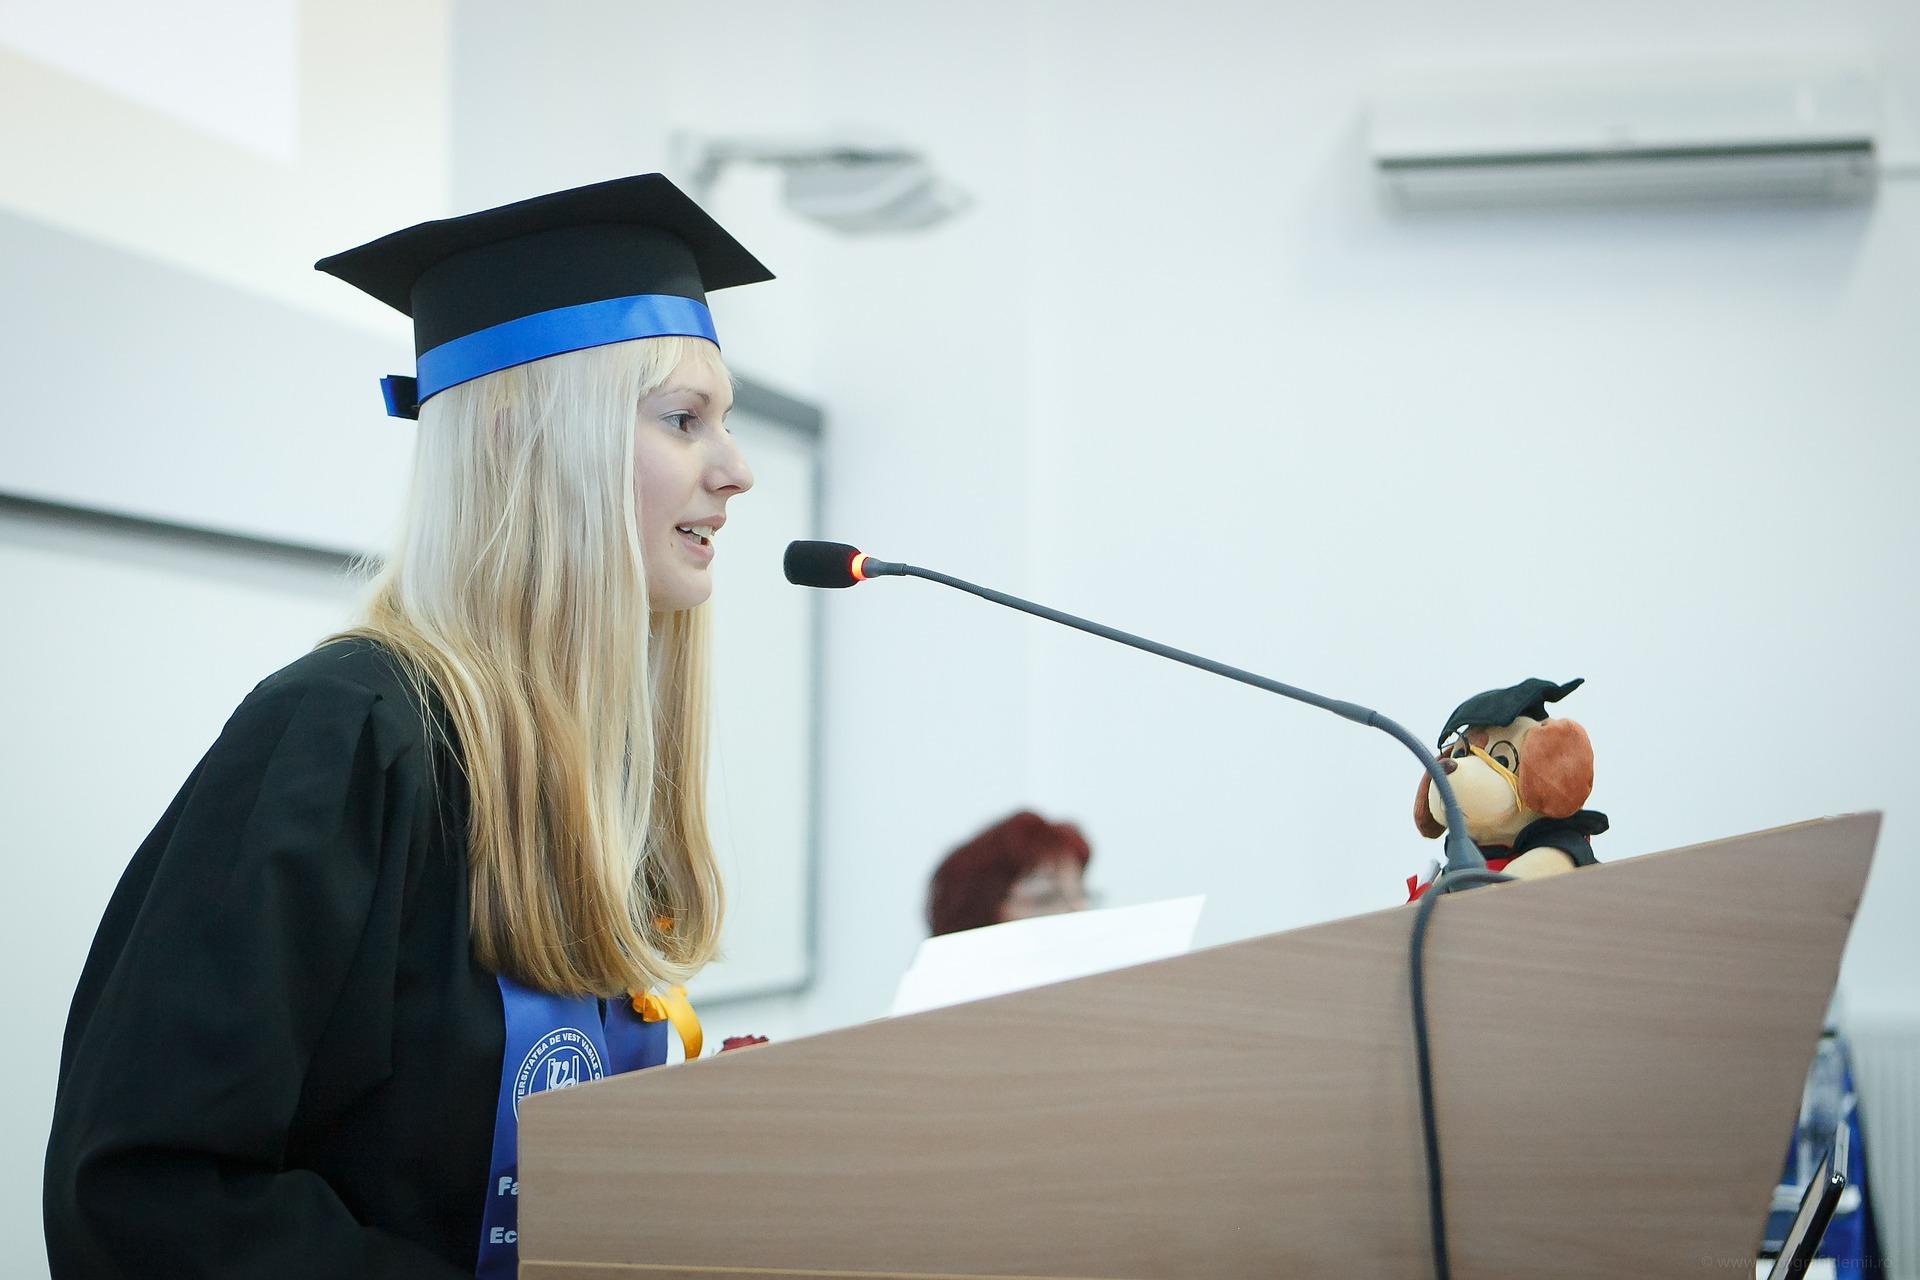 世界を変えた偉人12人の卒業式スピーチ超要約。